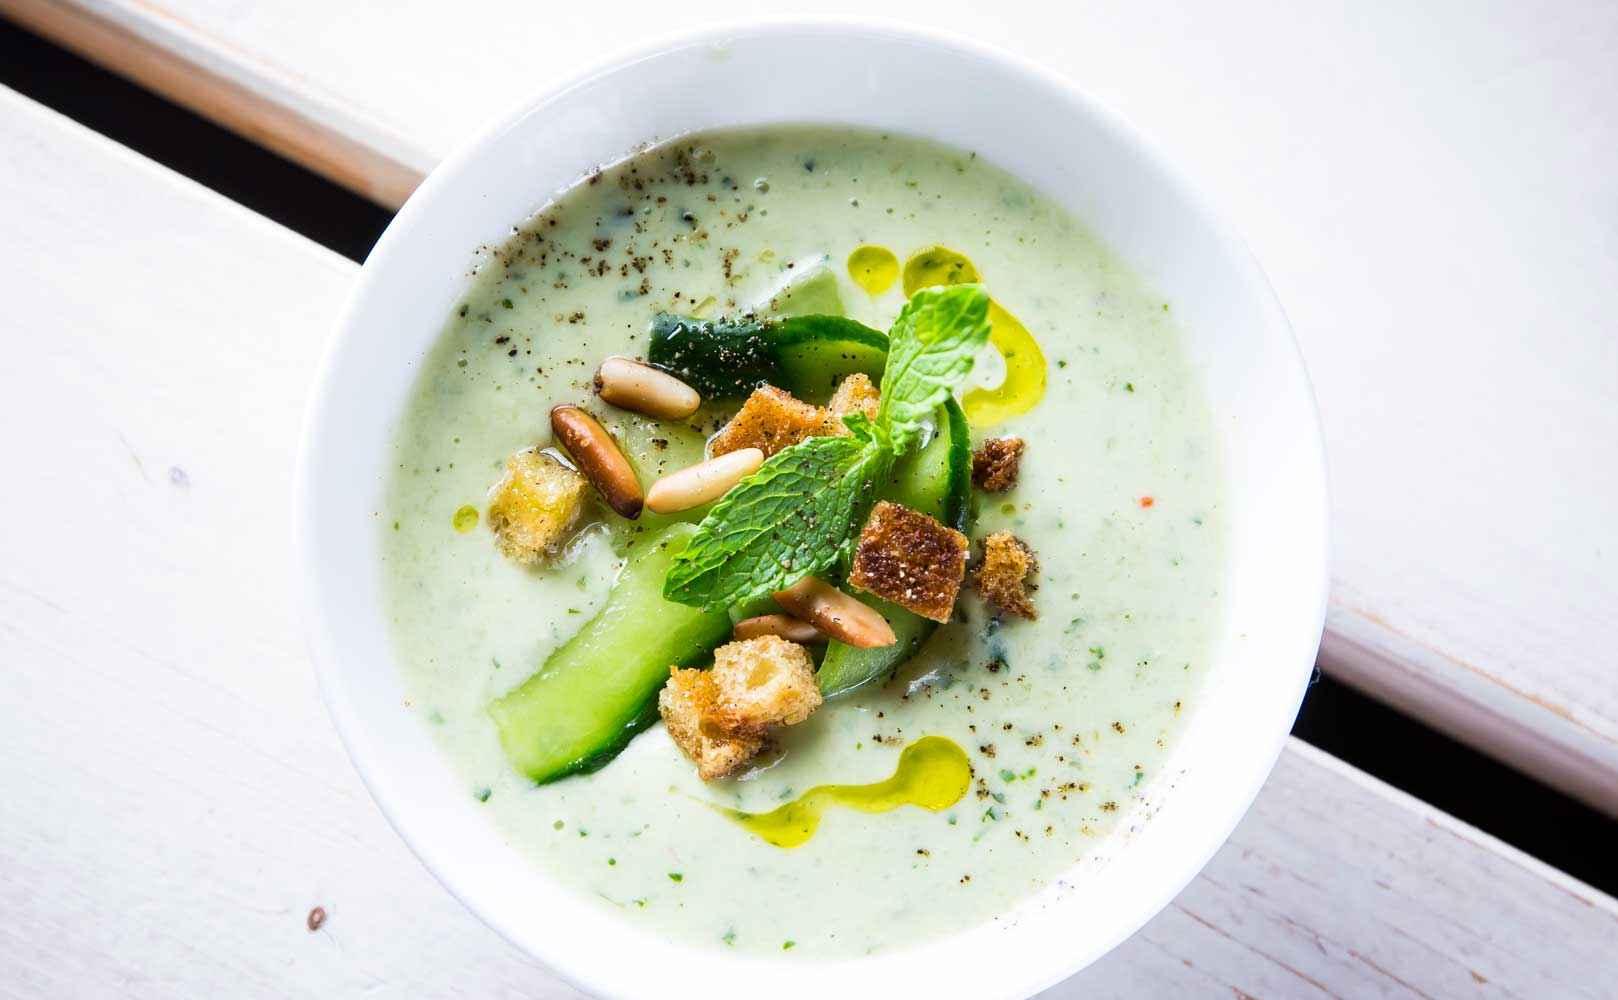 Rezept für Kalte Joghurt-Avocado-Gurkensuppe mit Minze, Pinienkernen und Croûtons